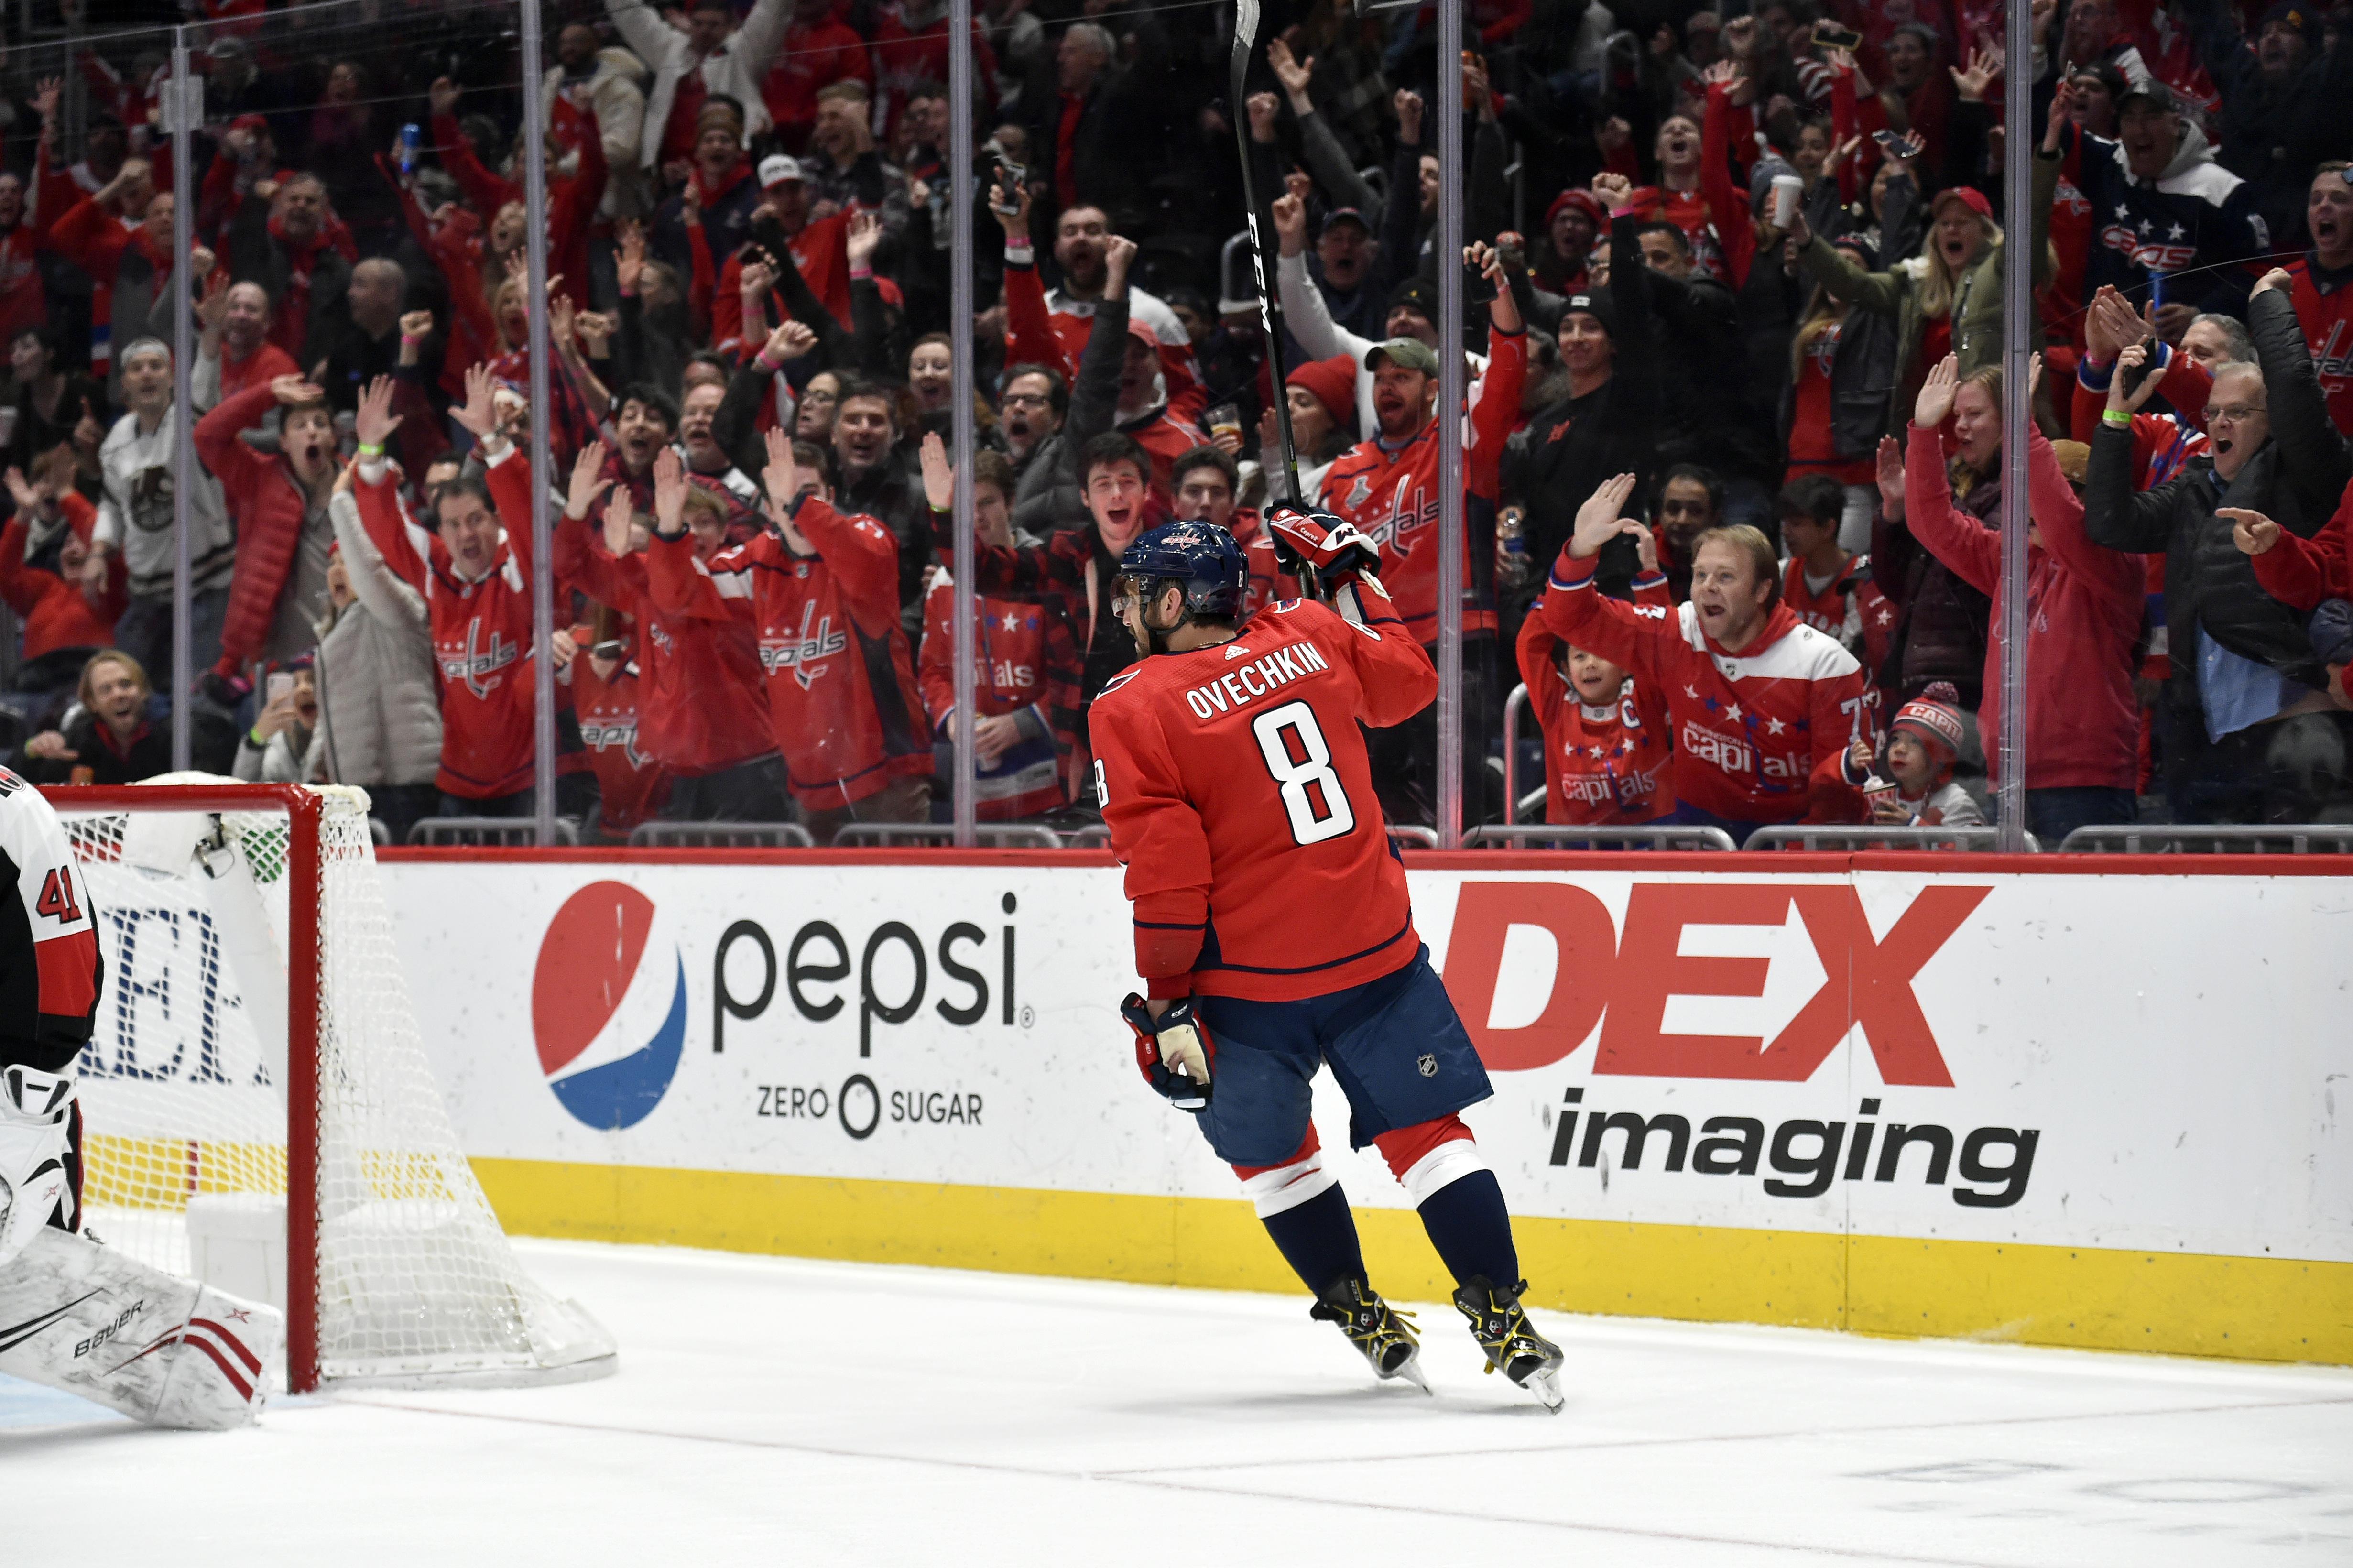 NHL: JAN 07 Senators at Capitals